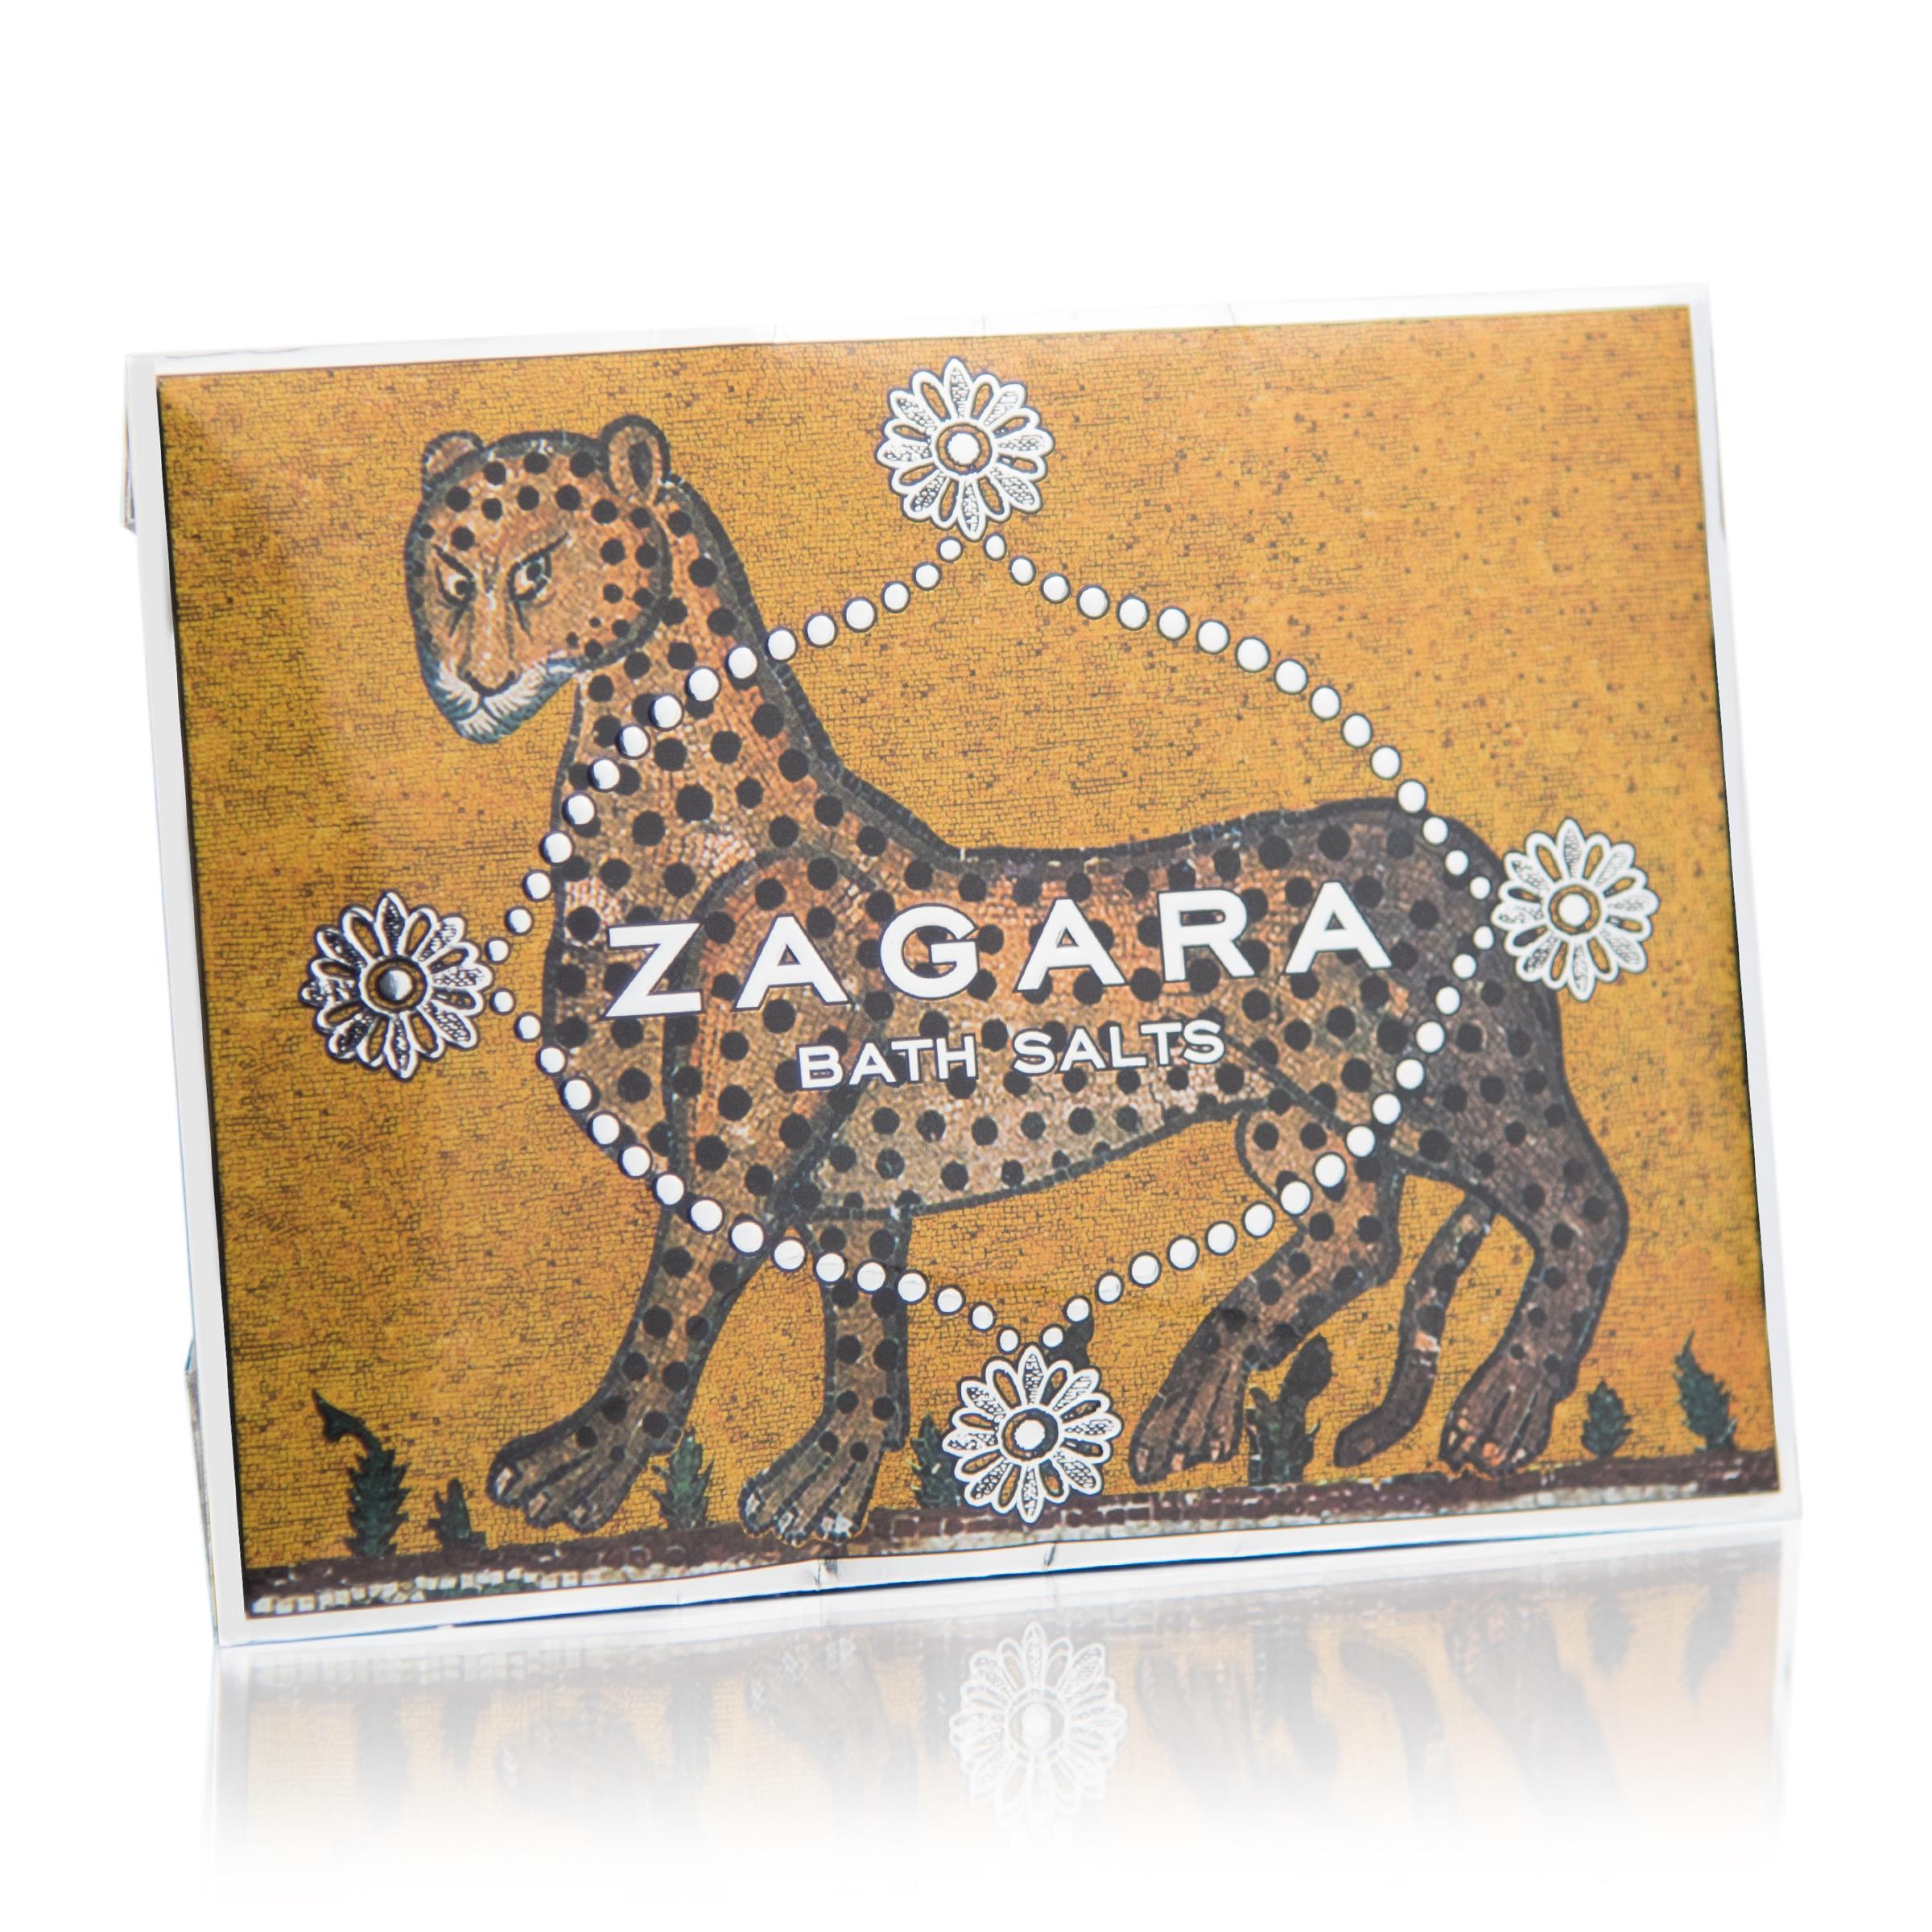 Zagara Bath Salts 75g